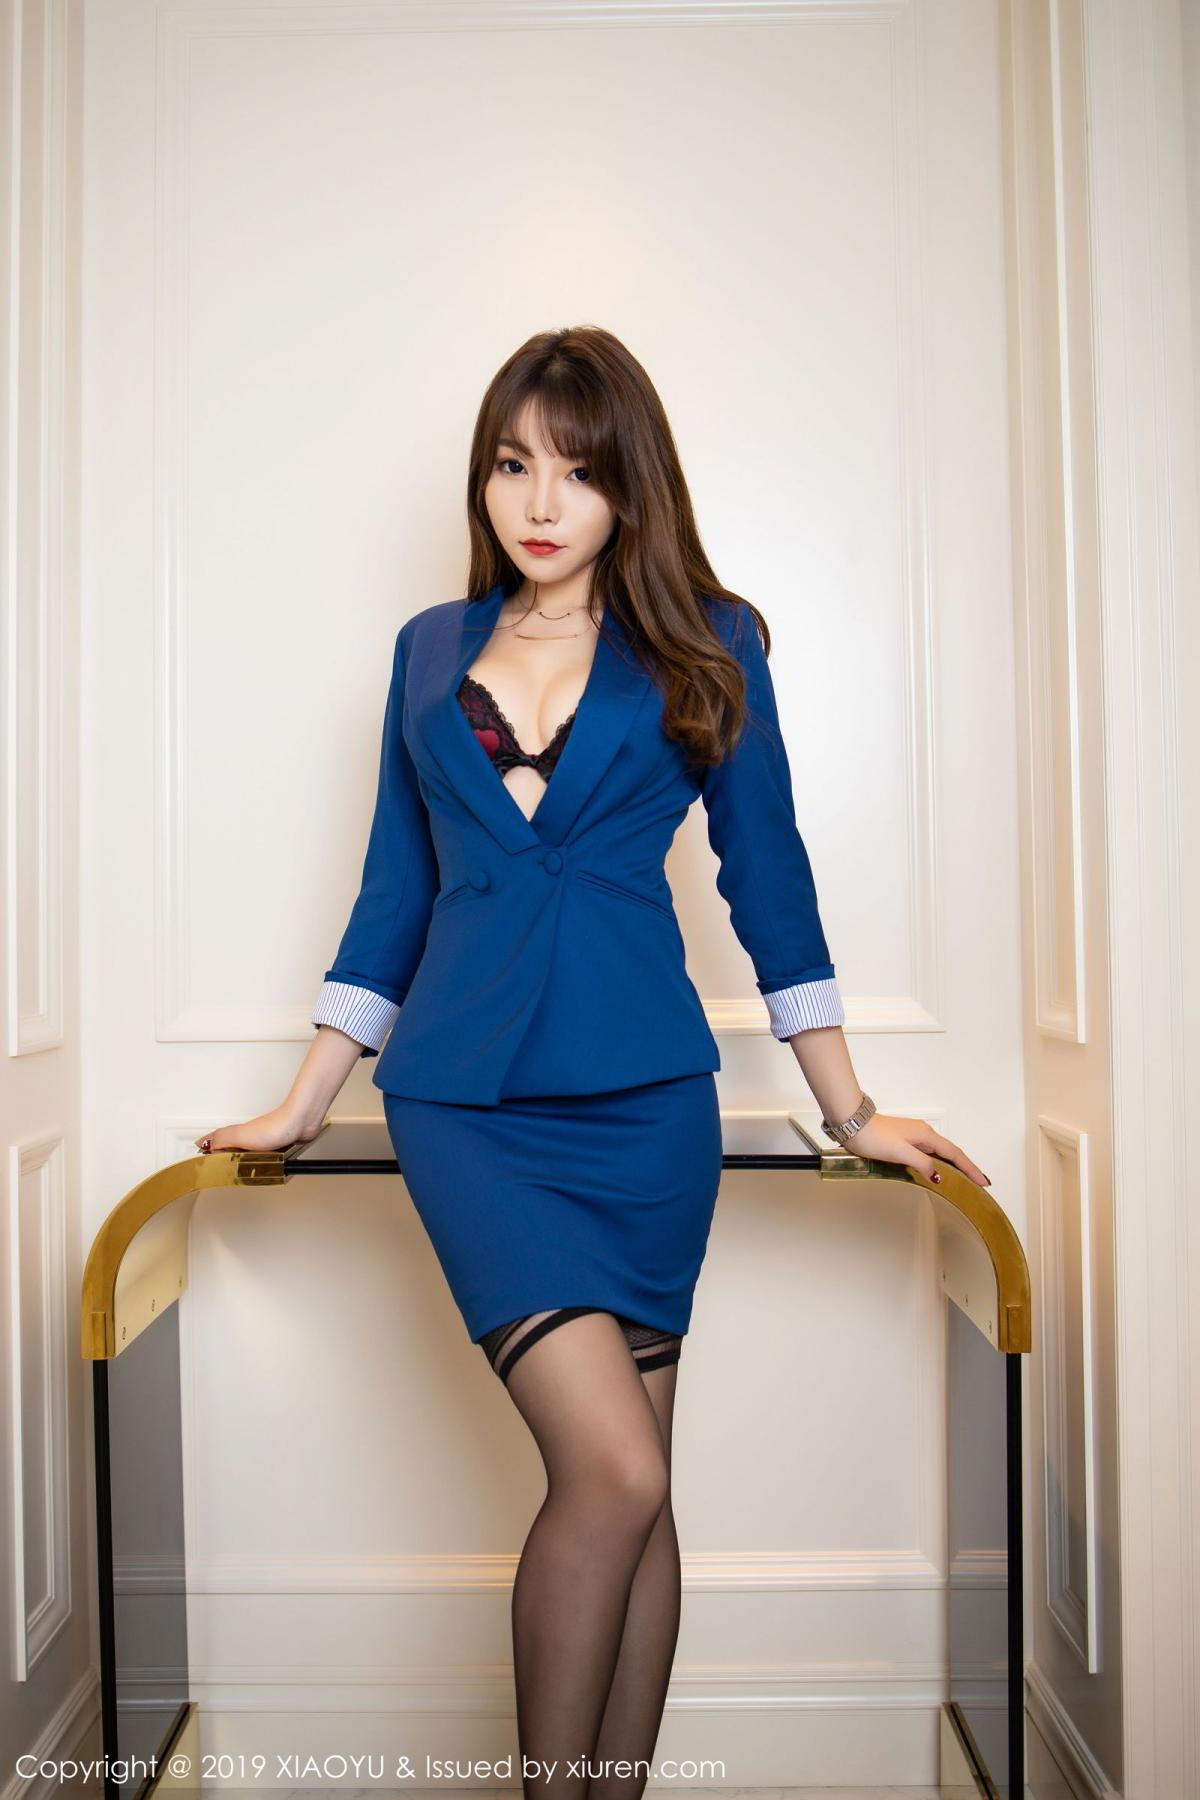 [XiaoYu] Vol.205 Chen Zhi 4P, Black Silk, Chen Zhi, Underwear, Uniform, XiaoYu